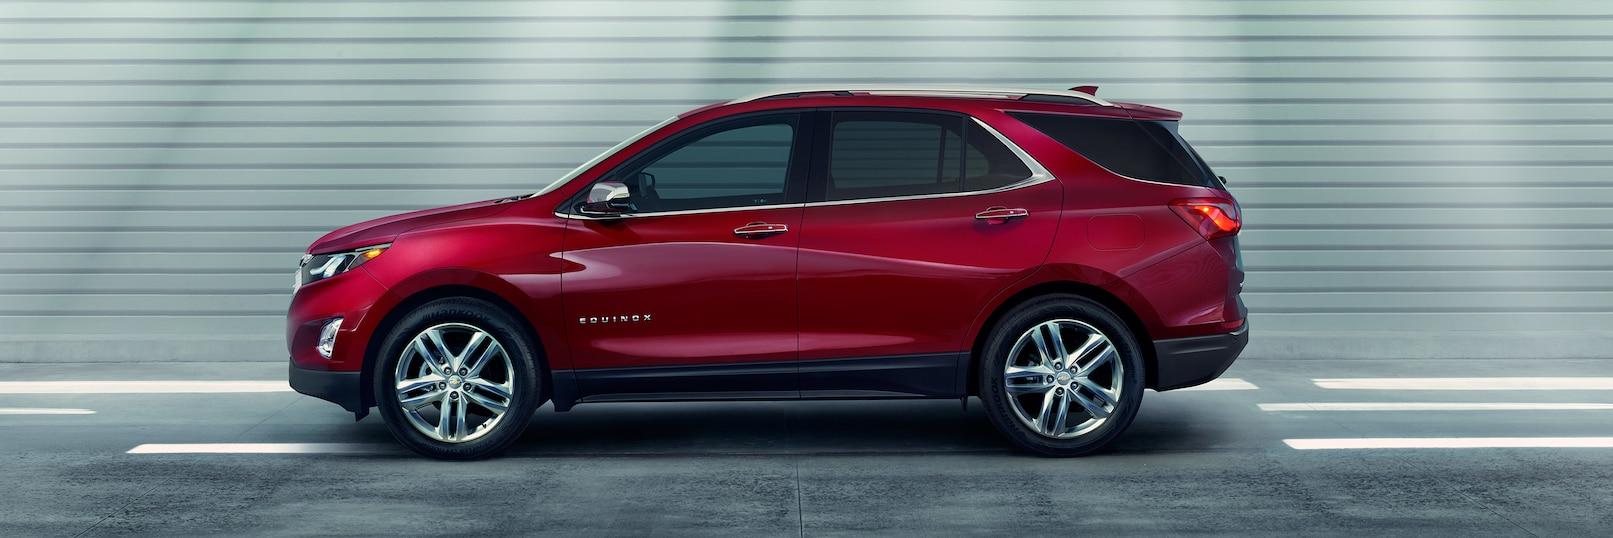 2019 Chevrolet Equinox for Sale near Naperville, IL